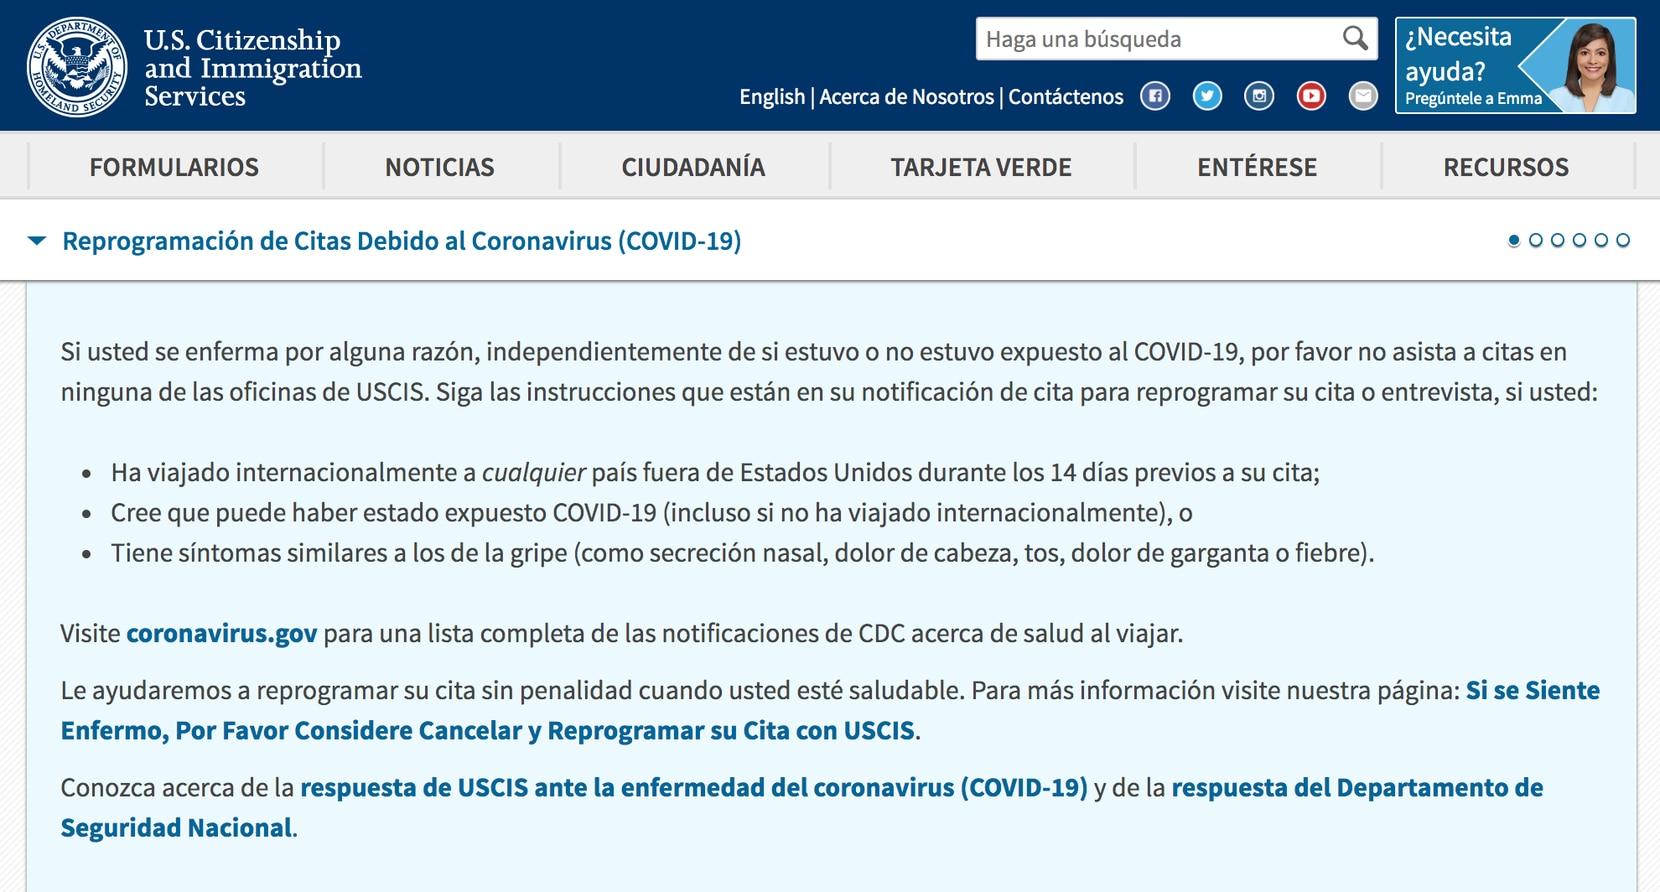 Anuncio en el sitio web de USCIS por coronavirus.